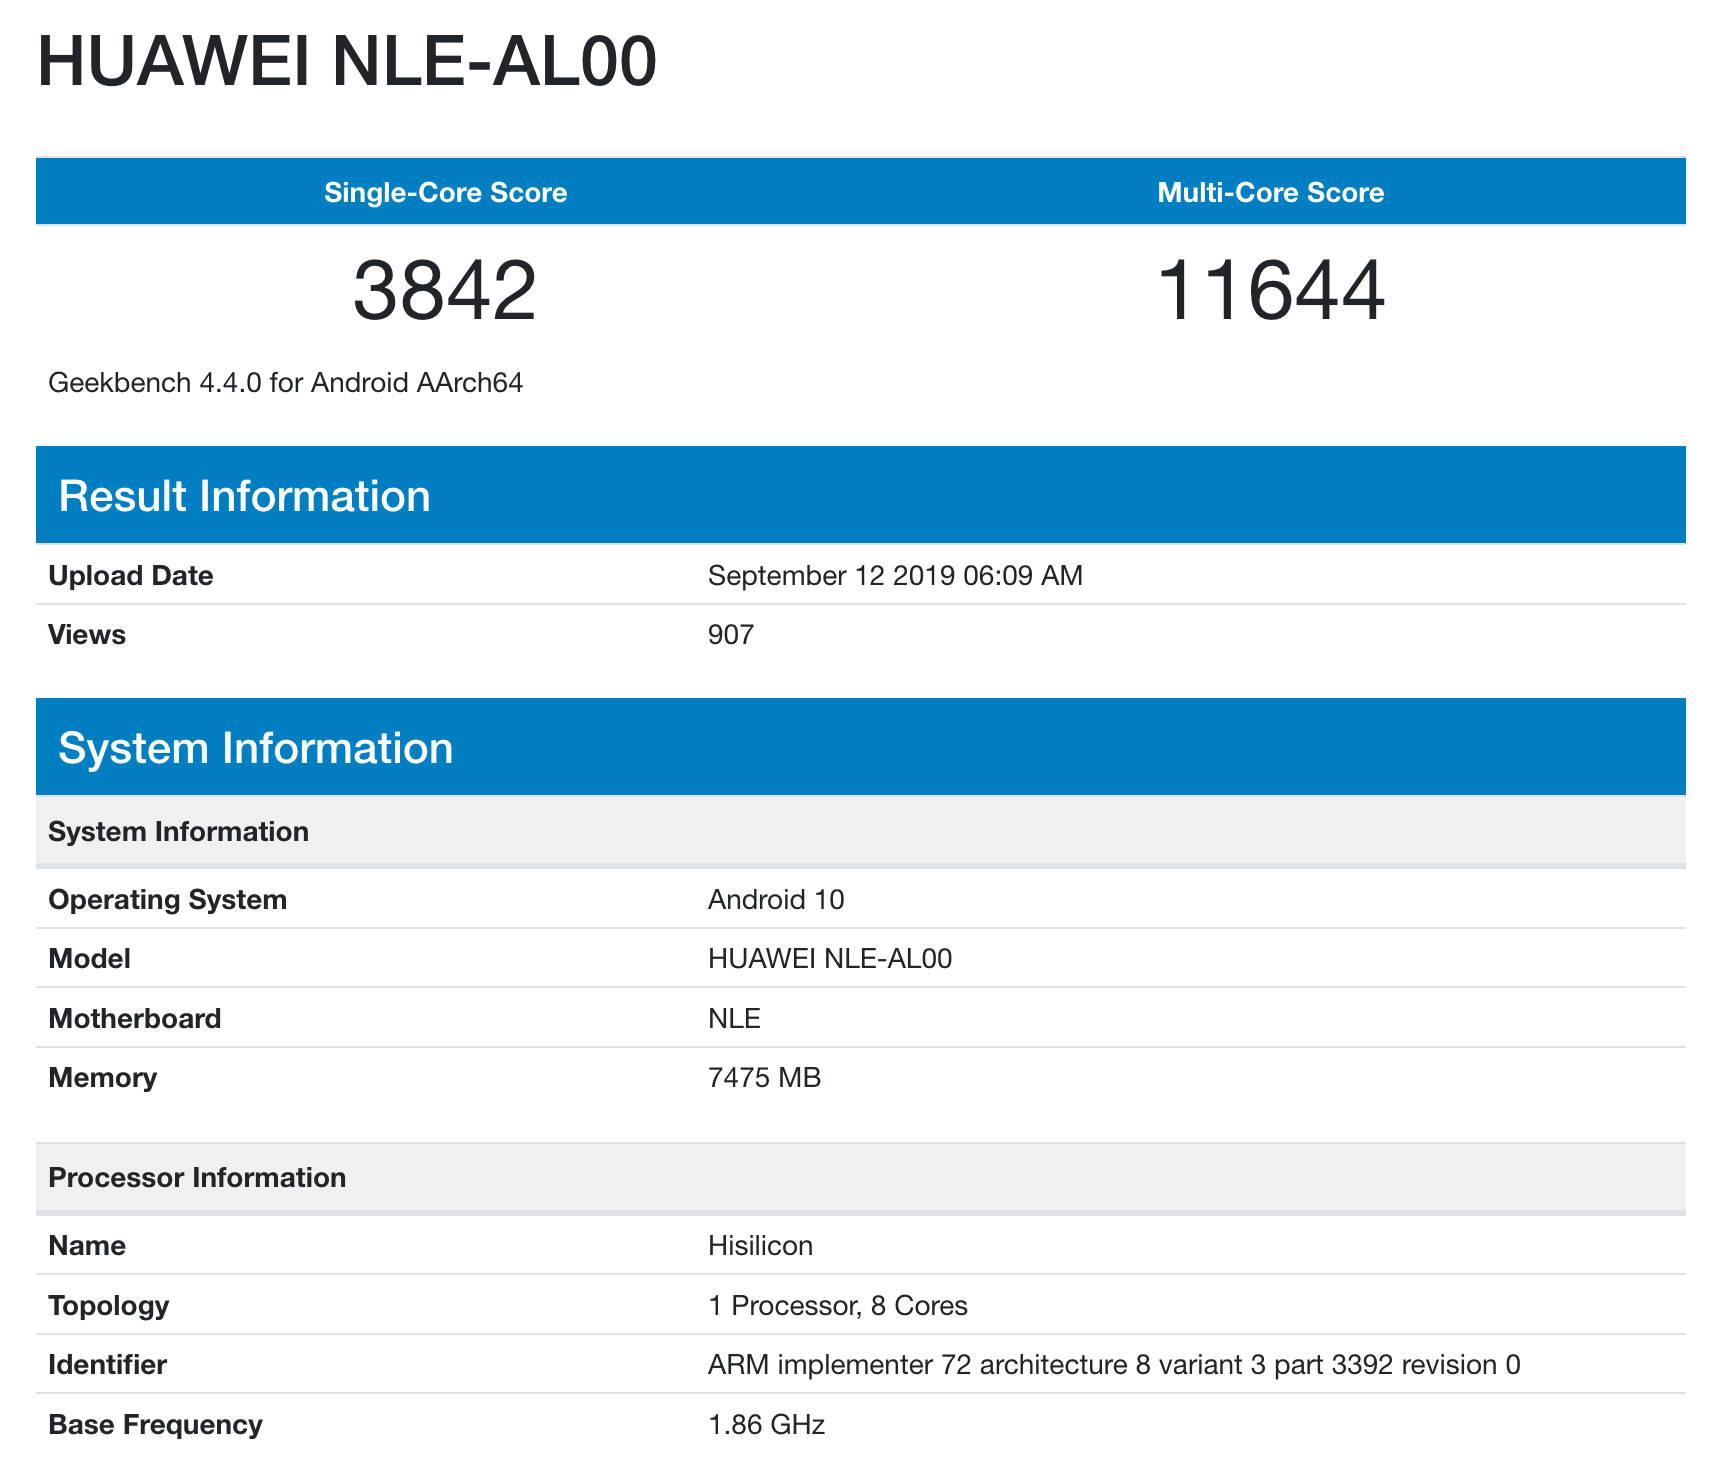 Kirin 990 z Huawei Mate 30 Pro Geekbench benchmarki vs Apple A13 z iPhone 11 plotki przecieki wycieki